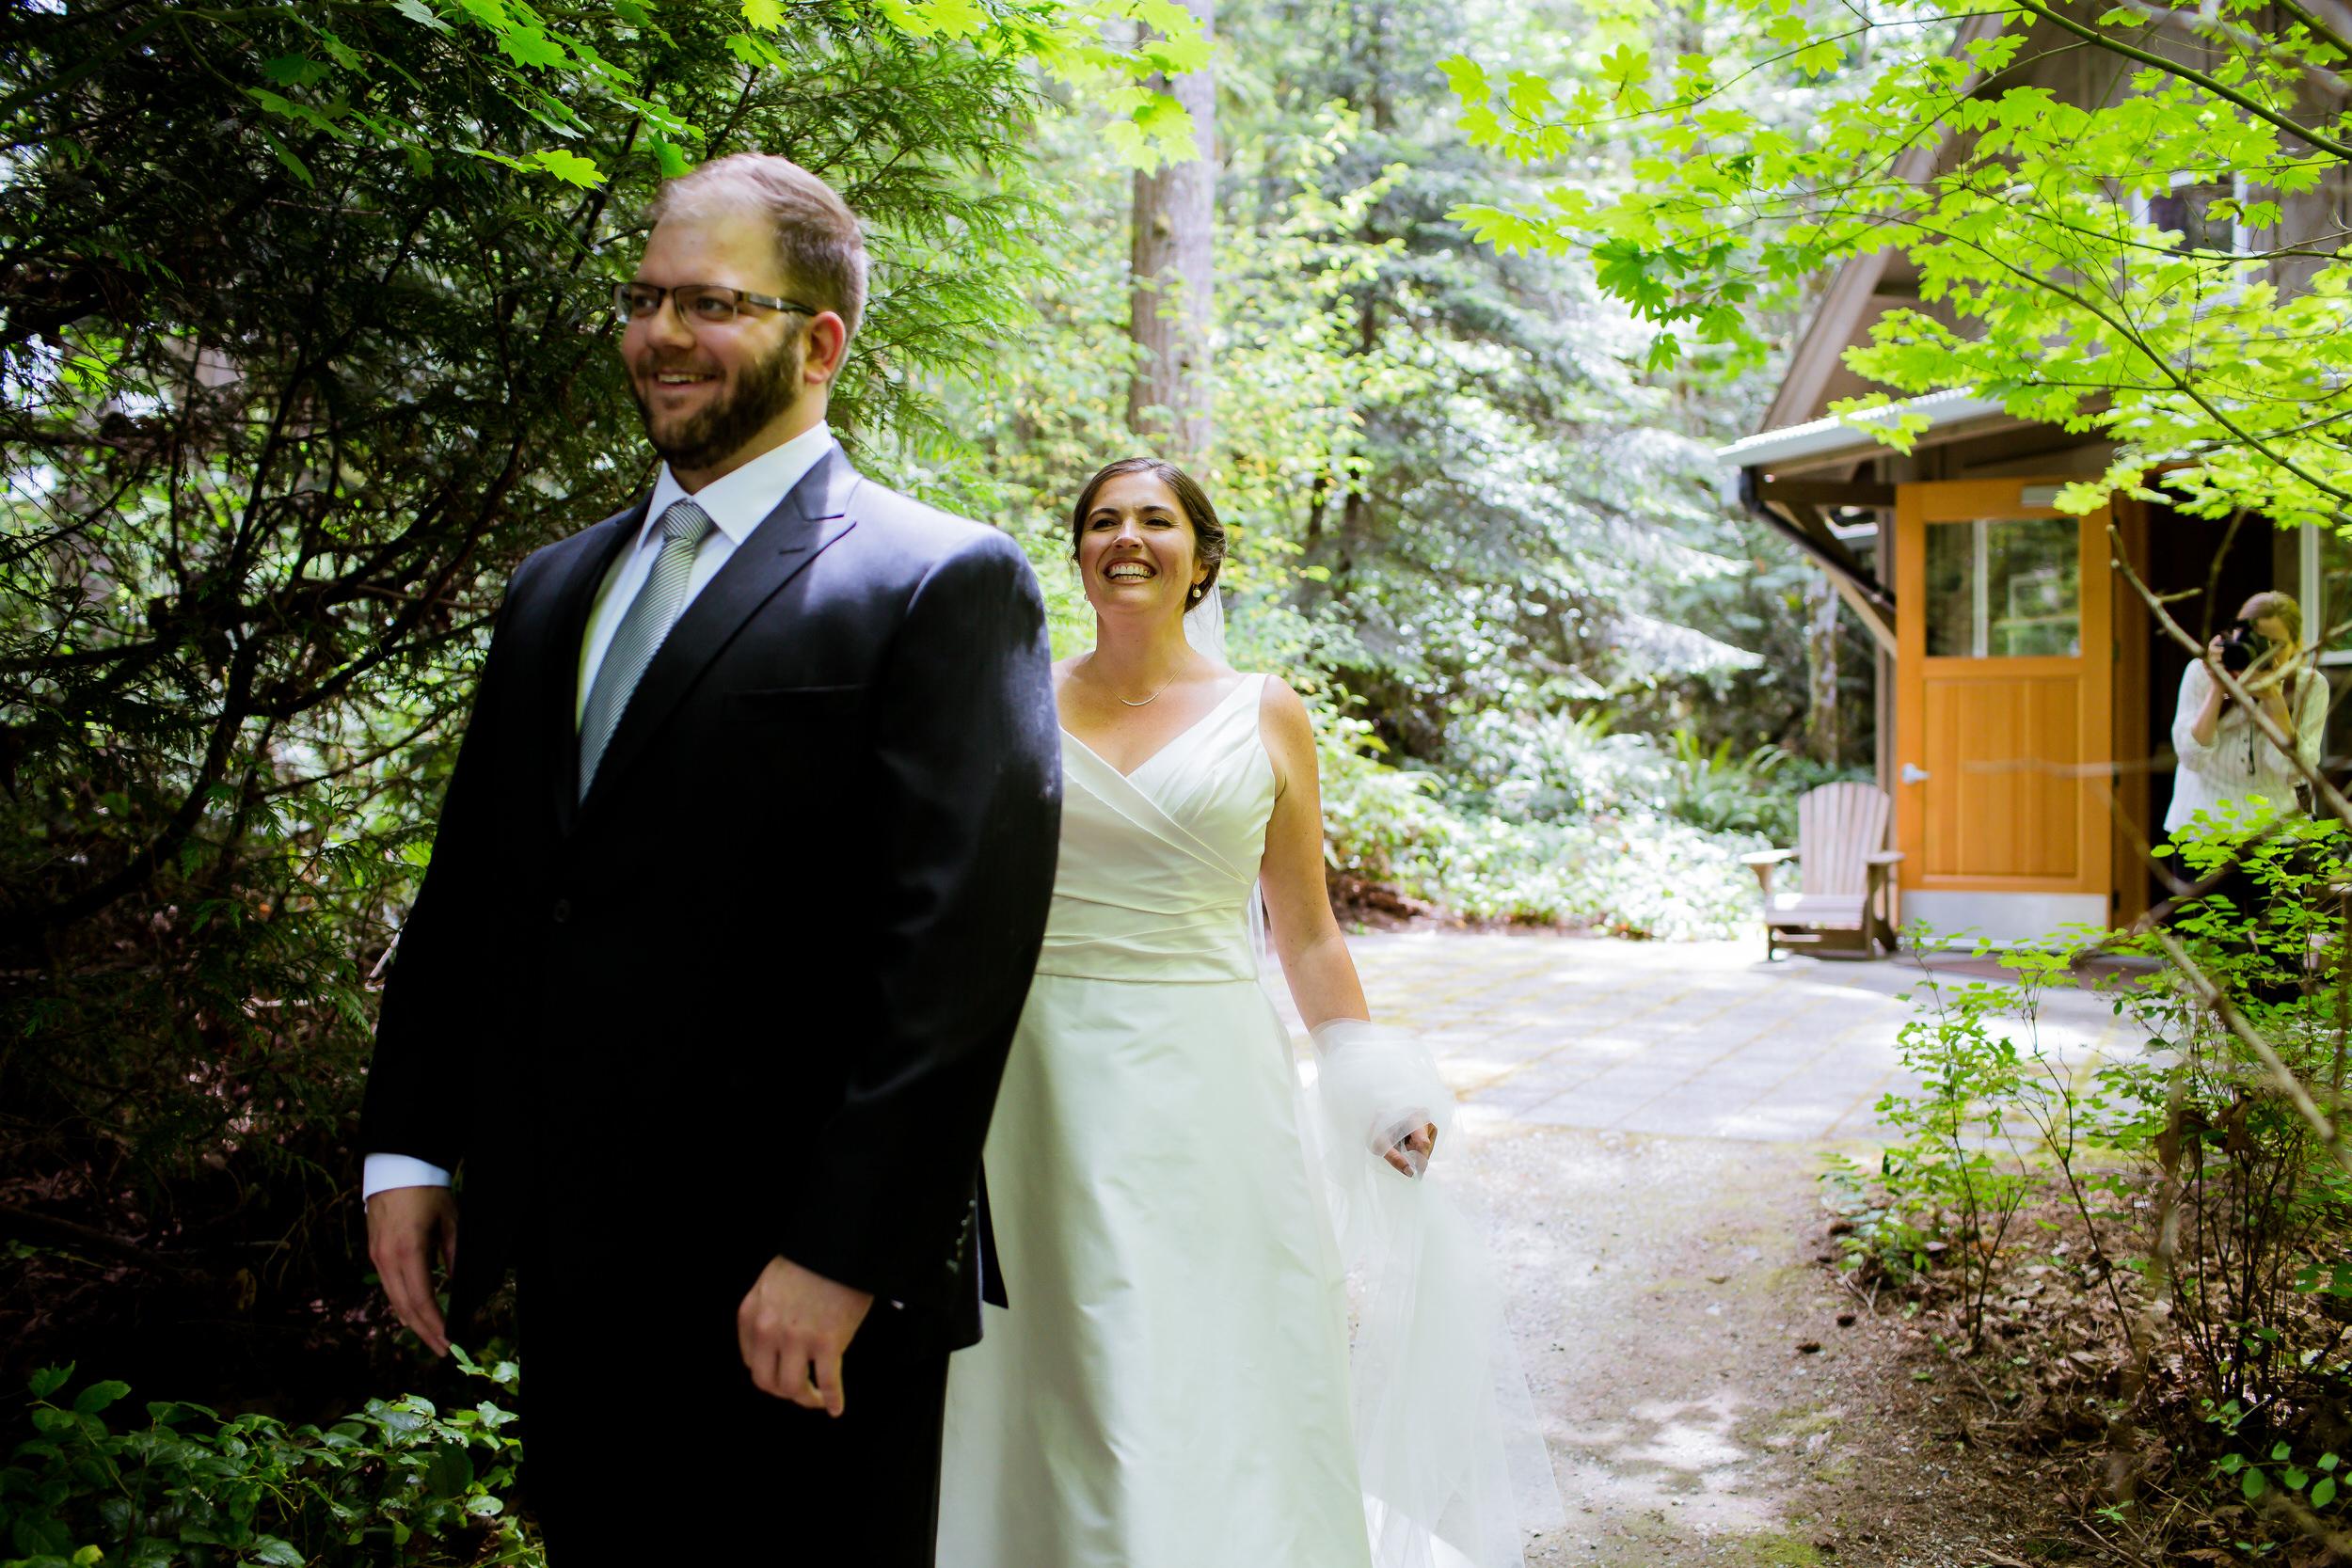 Islandwood_Retreat_Bambridge_Island_Washington_Wedding_008